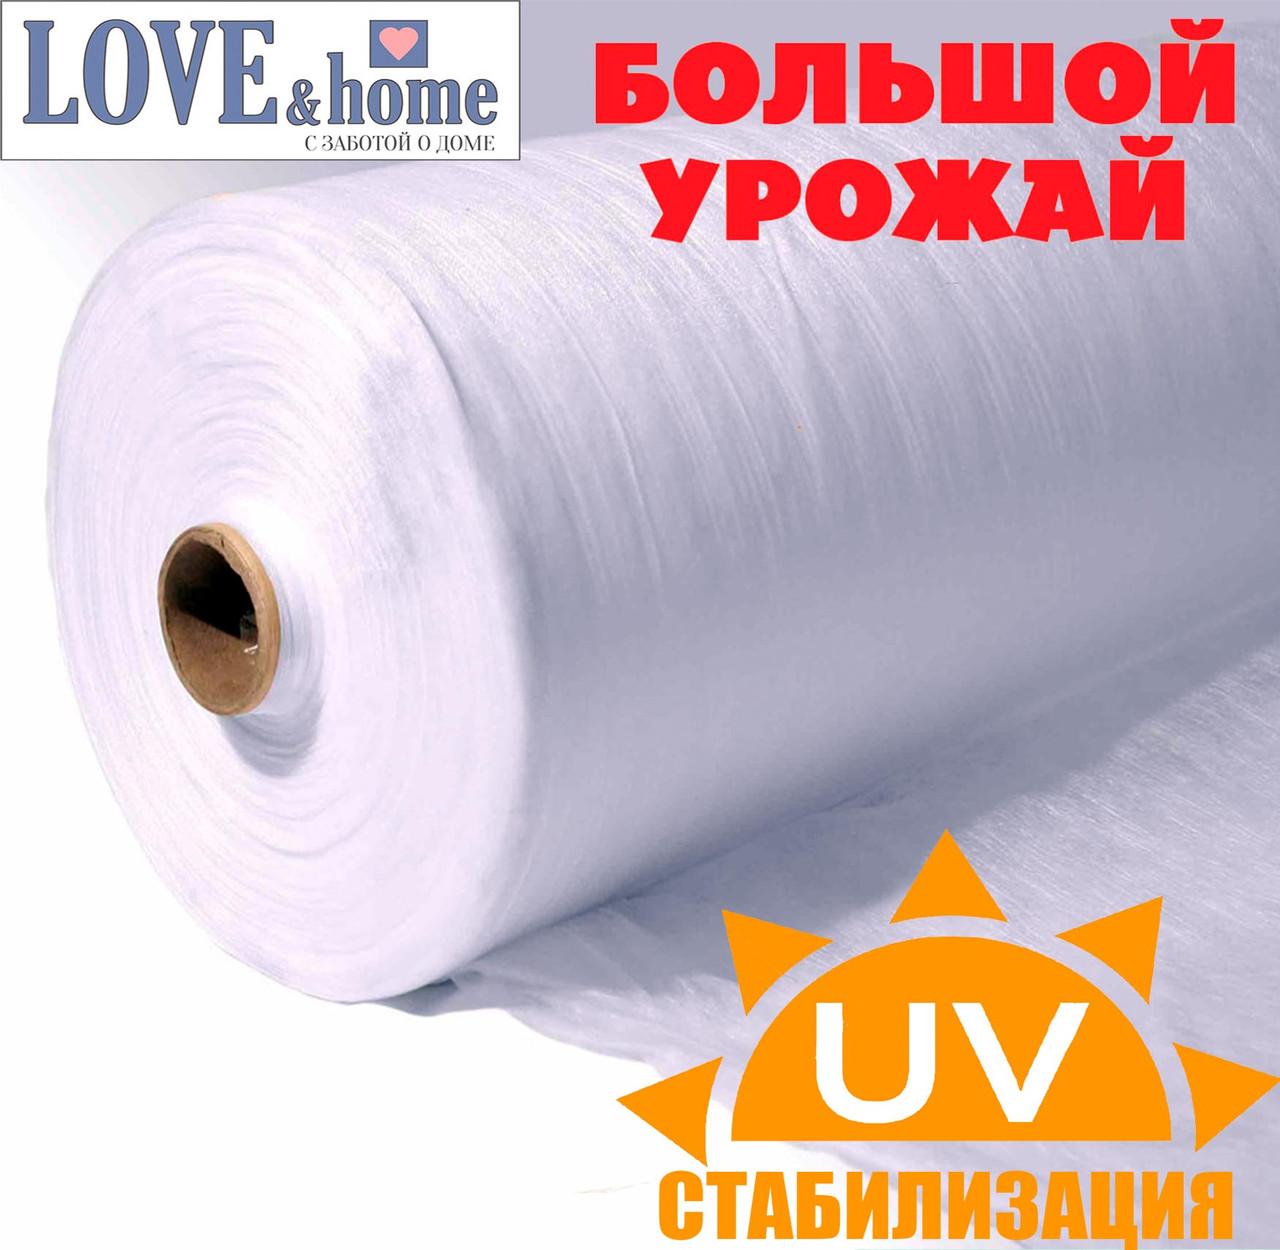 Агроволокно біле, щільність 23г/м2. ширина 1.6 м. довжина 100м.